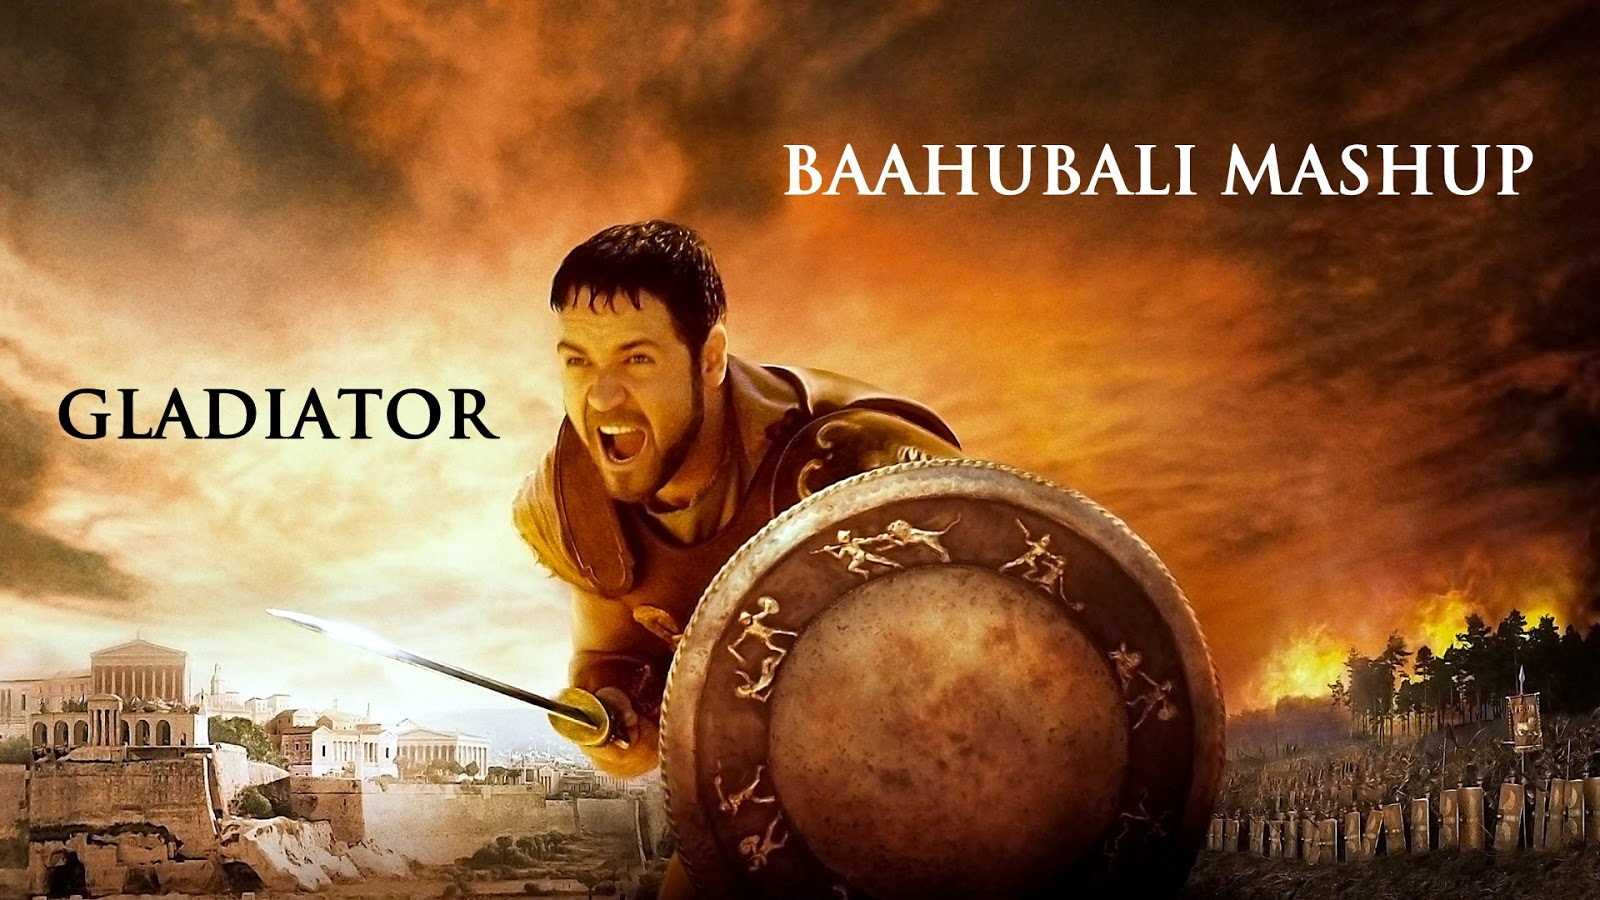 51 Top Hd Wallpaper: Bahubali 2 HD Wallpapers Free Download